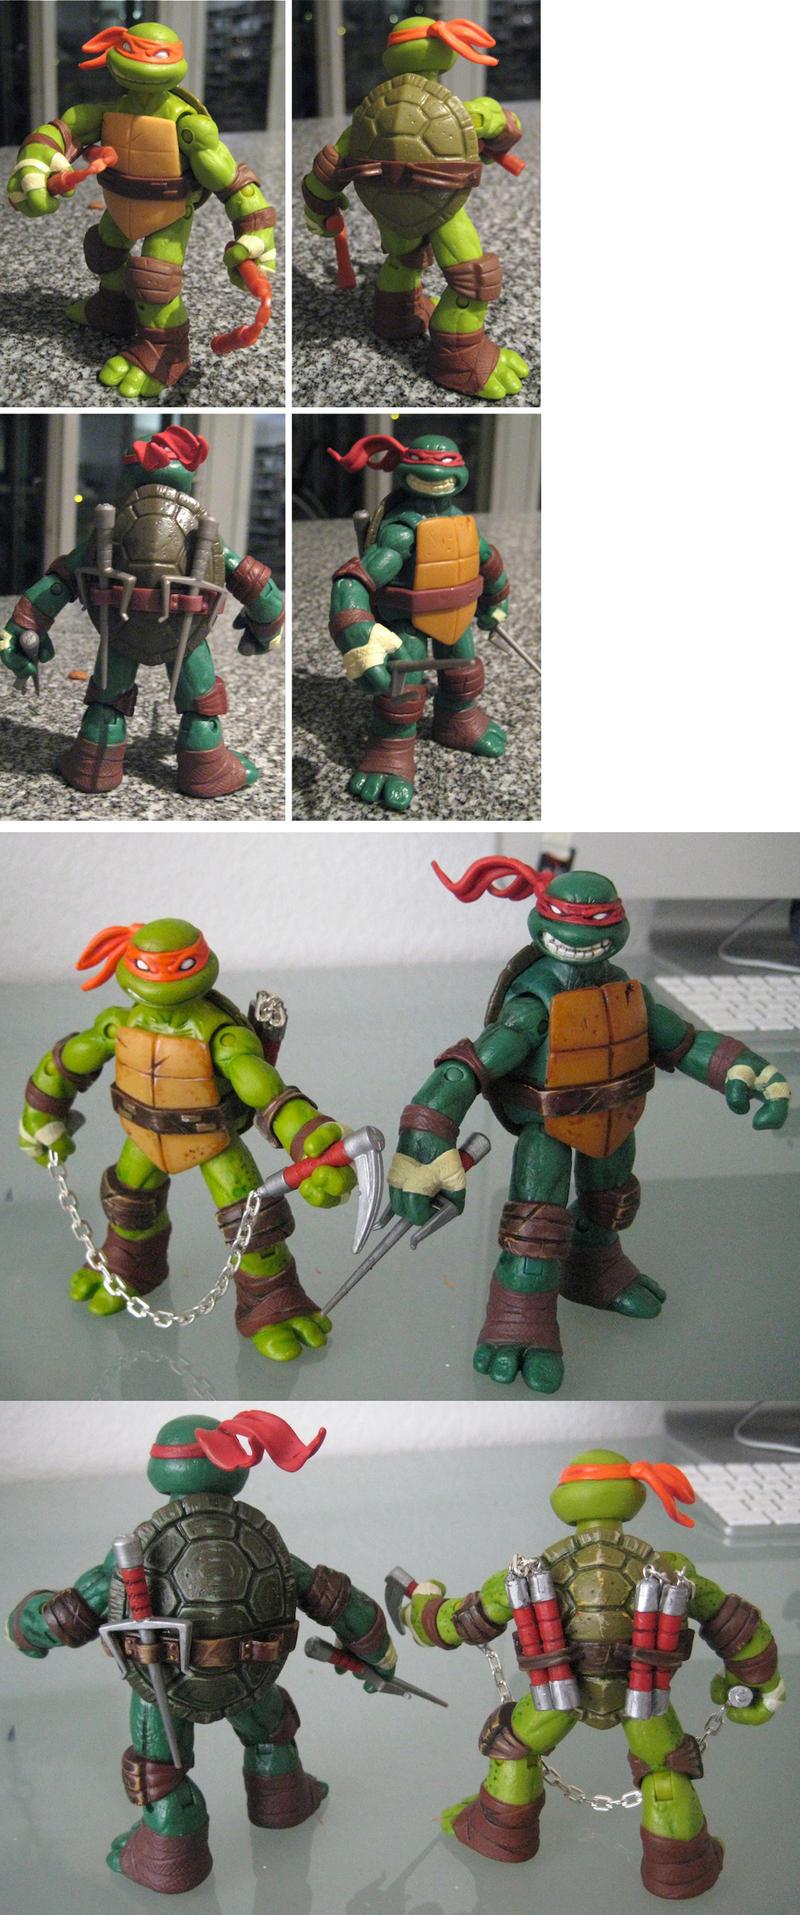 Teenage Mutant Ninja Turtles 1 (repaint) by drachenmagier